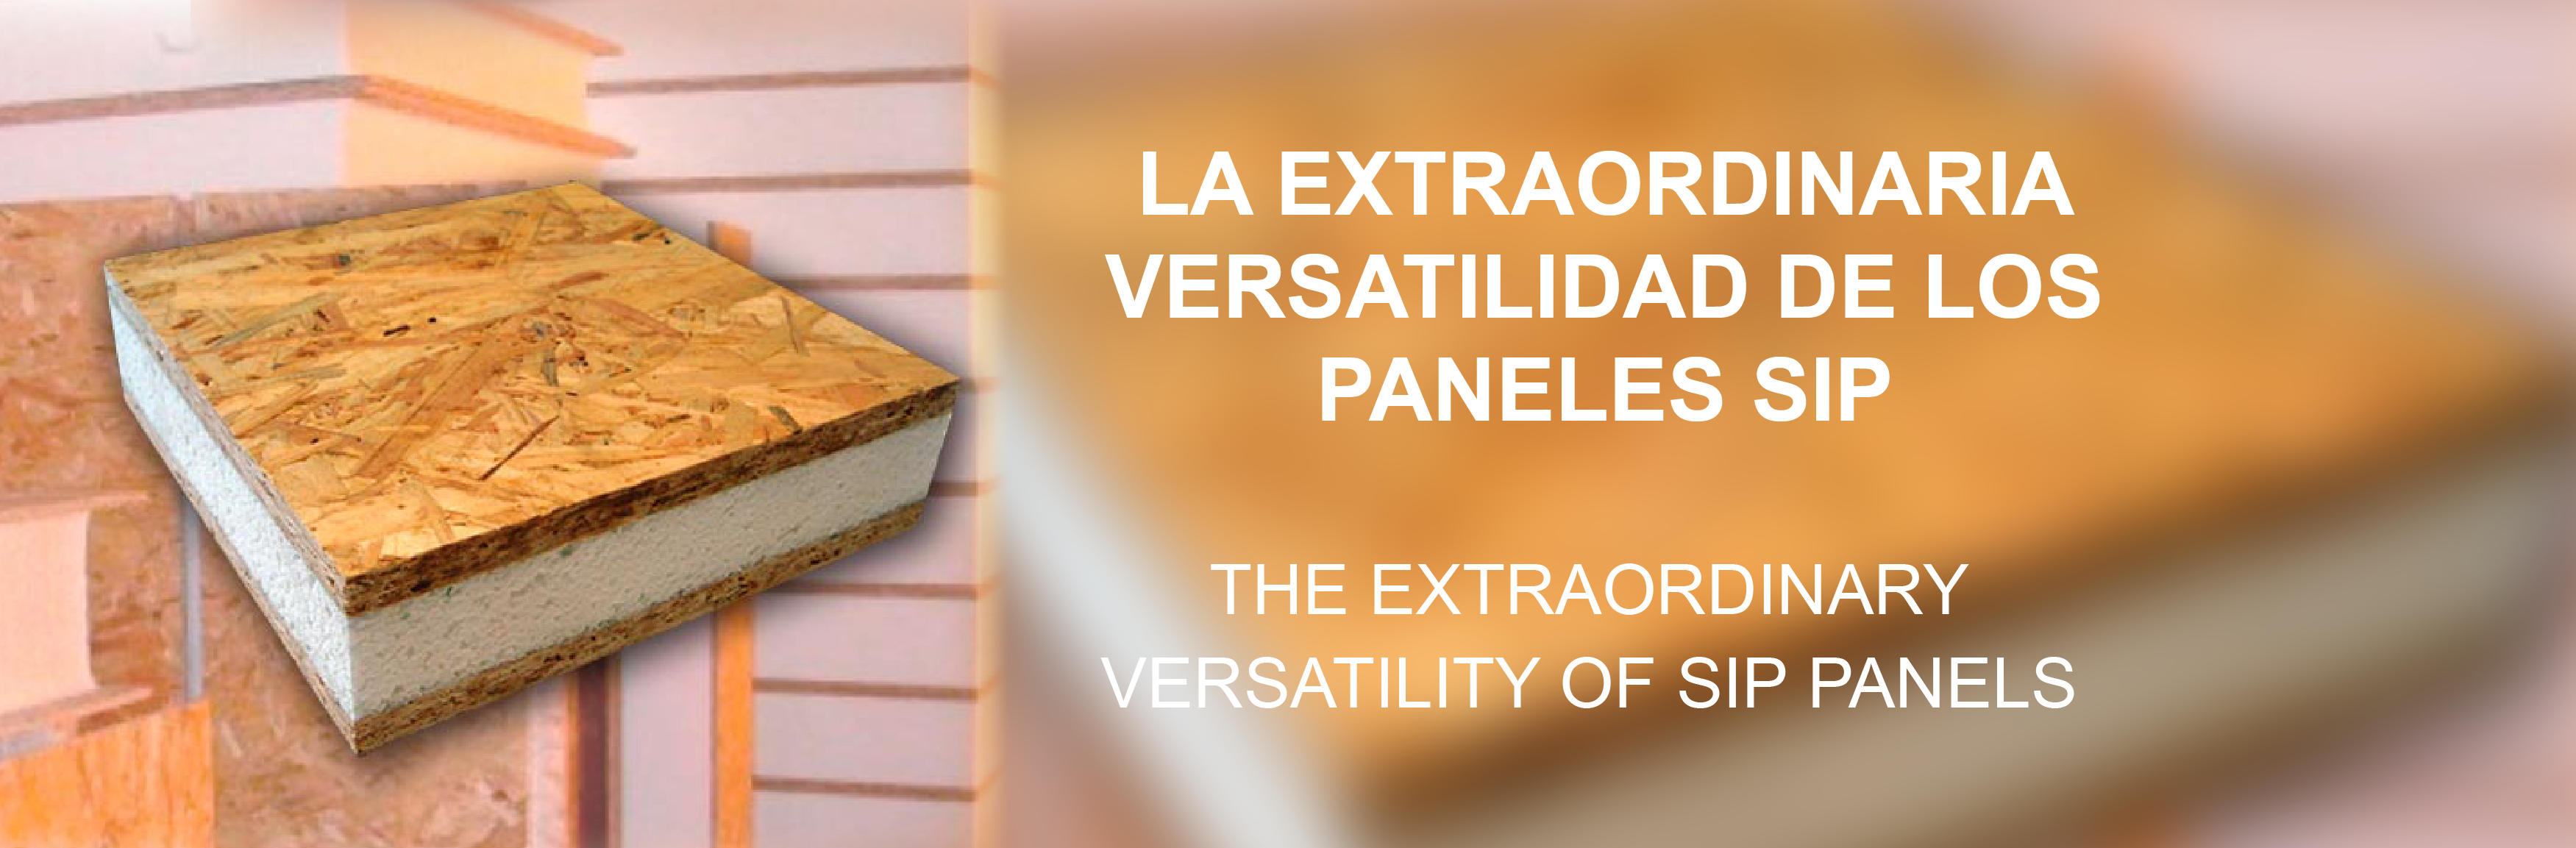 La extraordinaria versatilidad de los paneles SIP